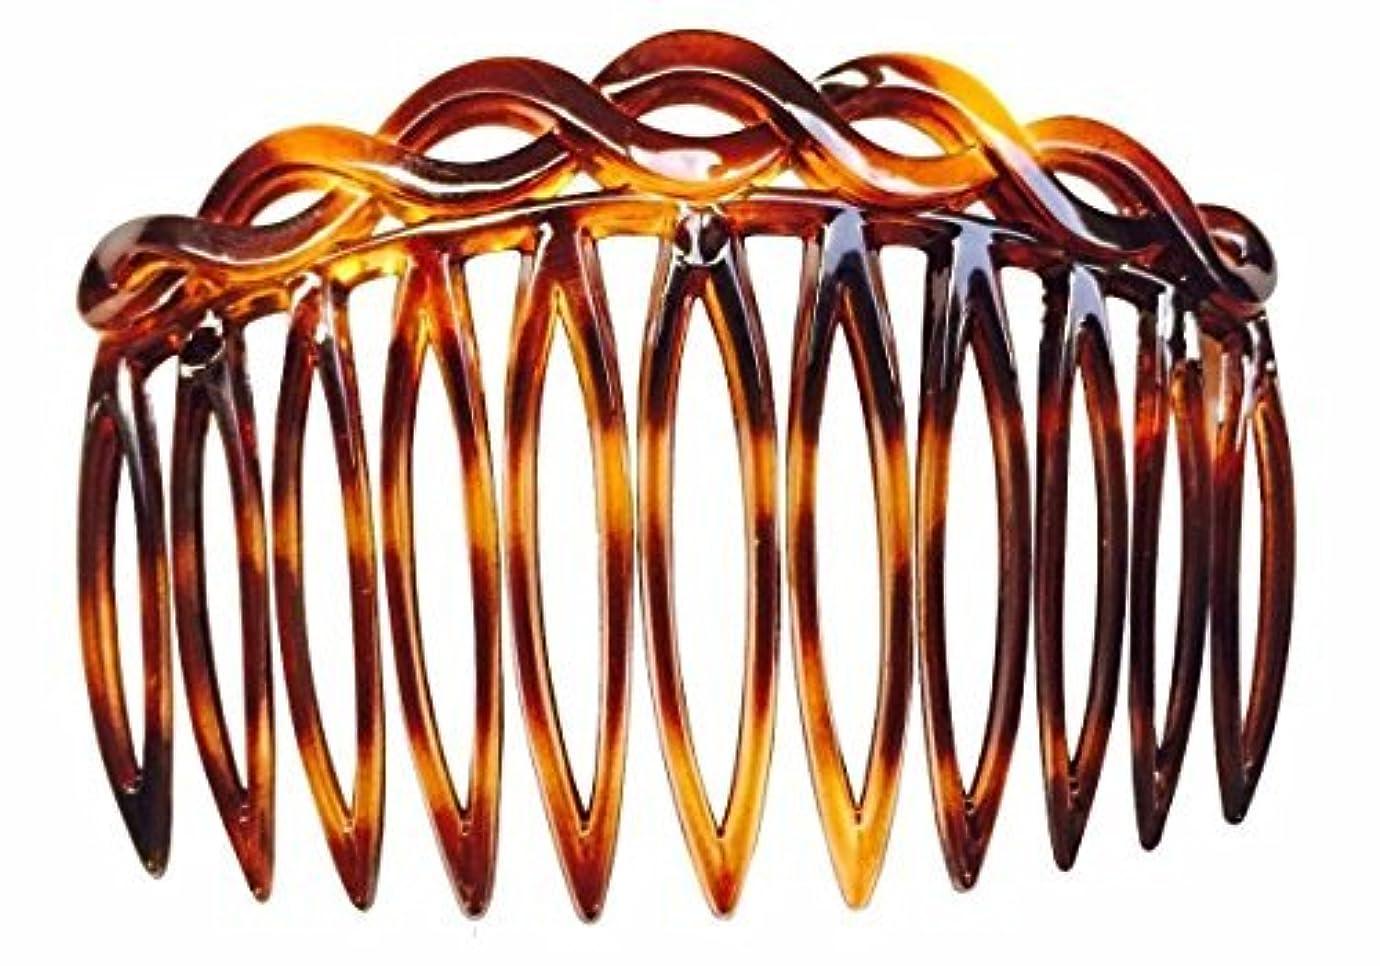 器用説教疼痛Parcelona French 2 Pieces Open Curved Celluloid Shell Side Hair Combs - 3 Inch (2 Pcs) [並行輸入品]